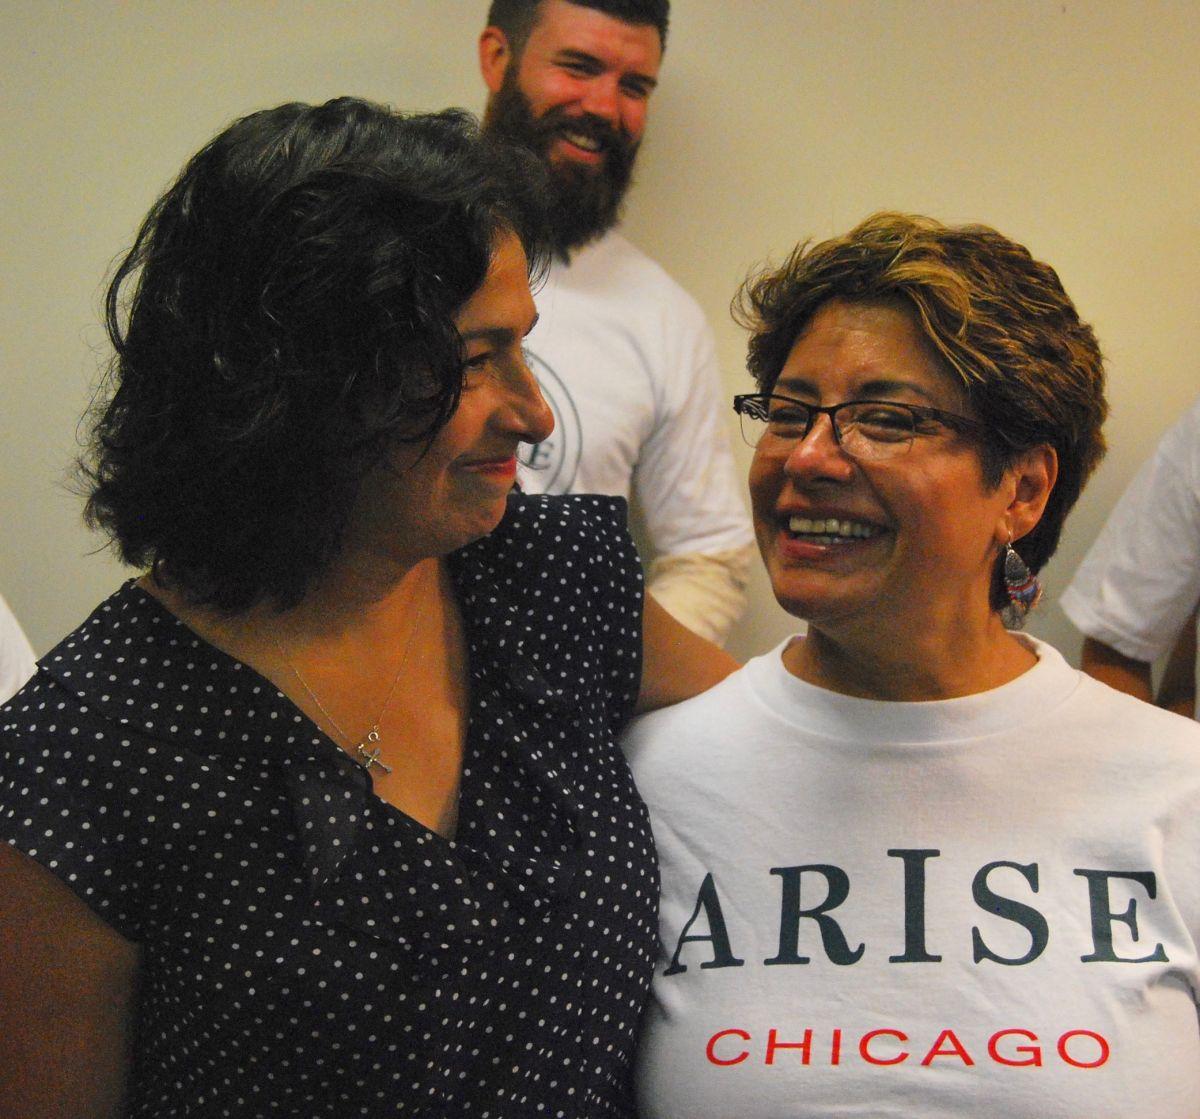 La representante Elizabeth Hernández con Isabel Escobar, trabajadora doméstica y miembro del consejo de la organización Arise Chicago.